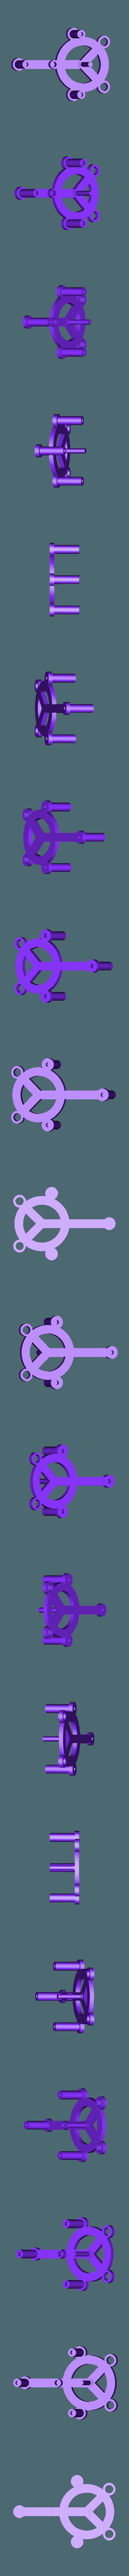 Frame_Left.stl Download free STL file Windup Bunny • 3D printing design, gzumwalt